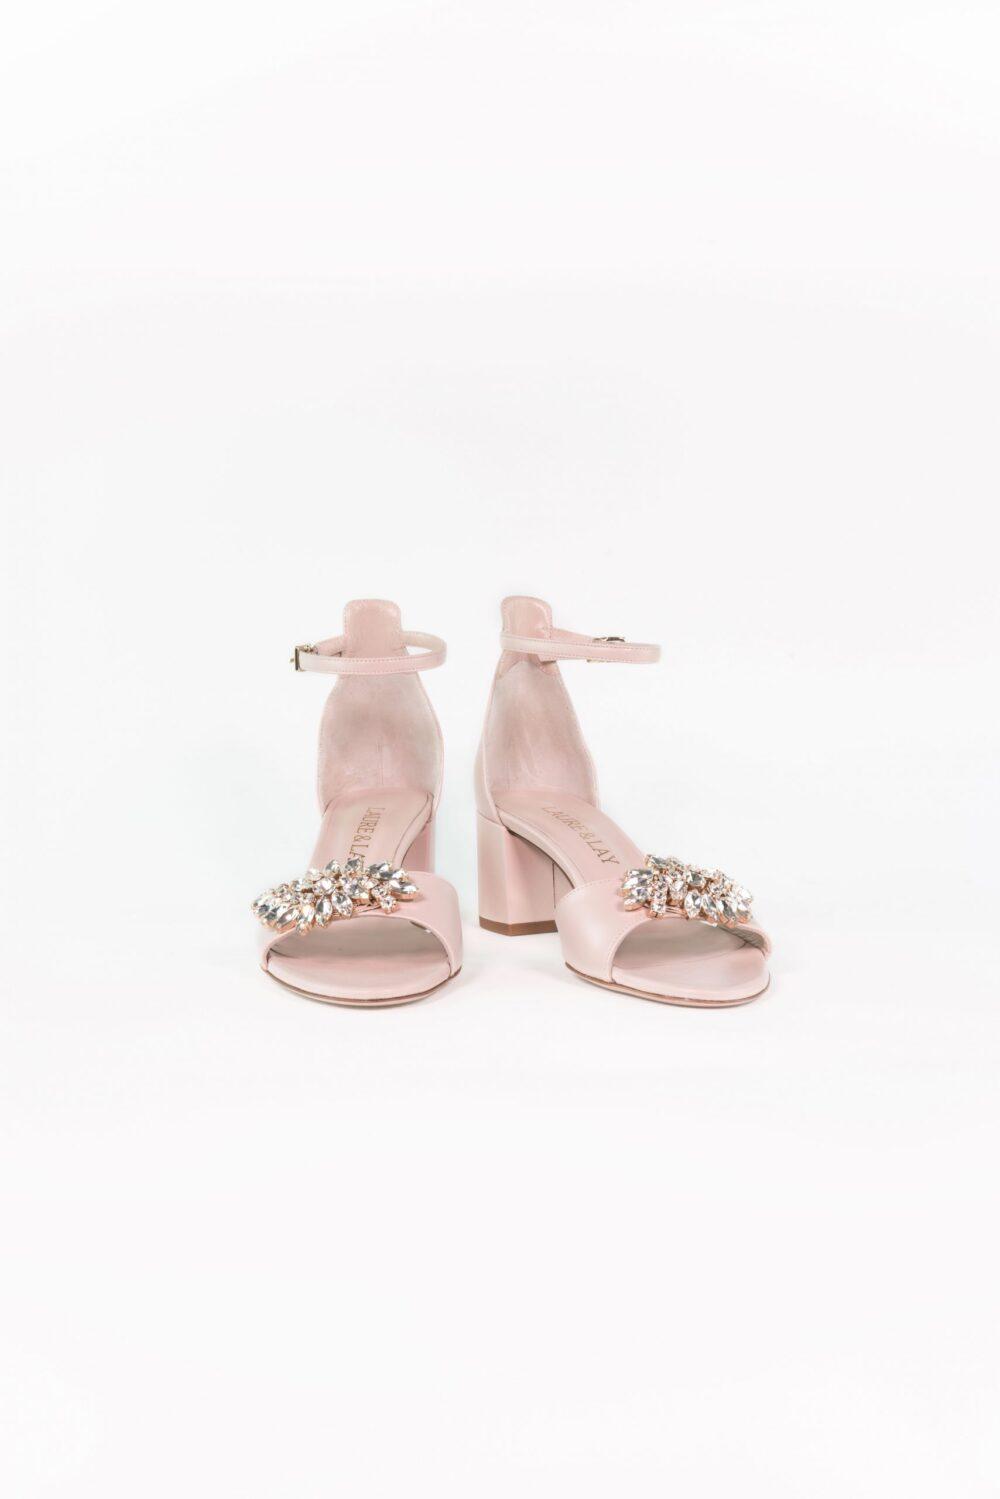 designer hochzeitsschuh nude rose ankle strap elena